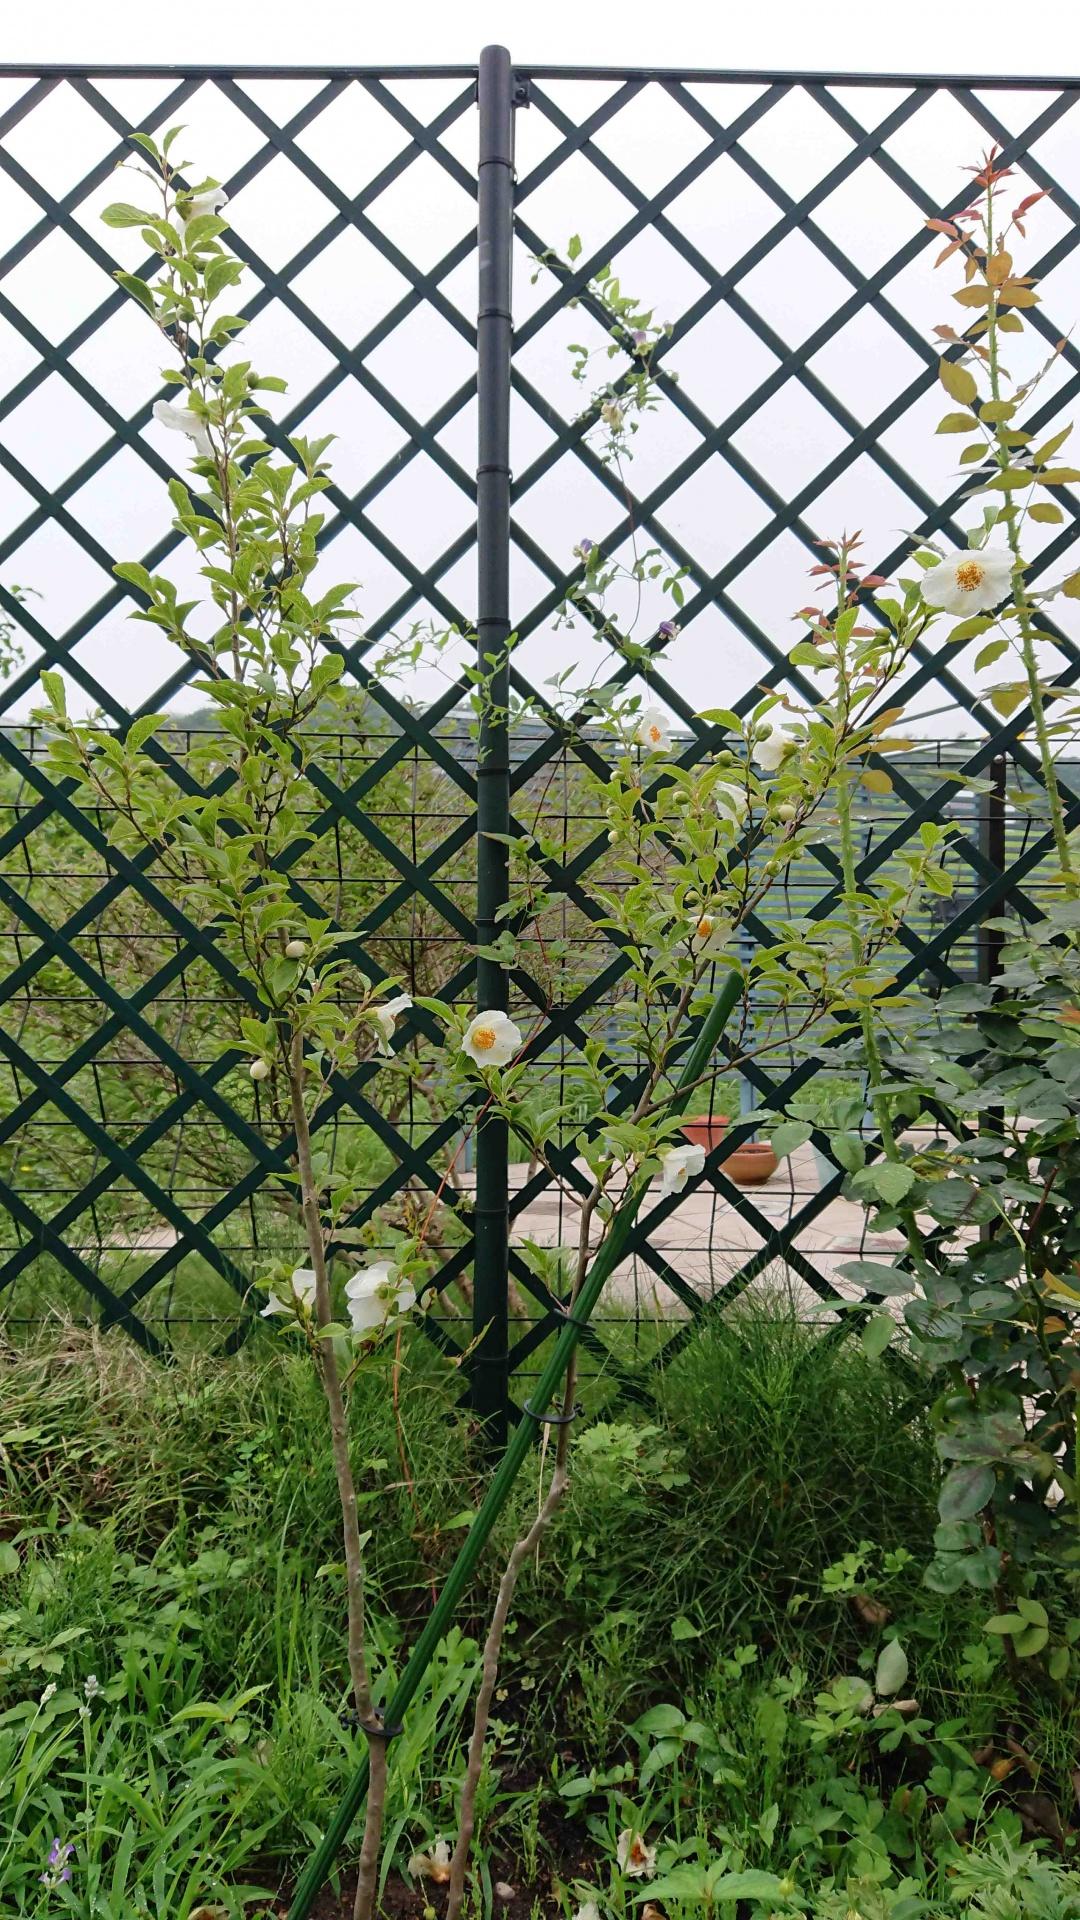 ラッティスで咲くクレマチスVi 会津の風と夏椿 ホワイトチルドレン,2020年7月5日